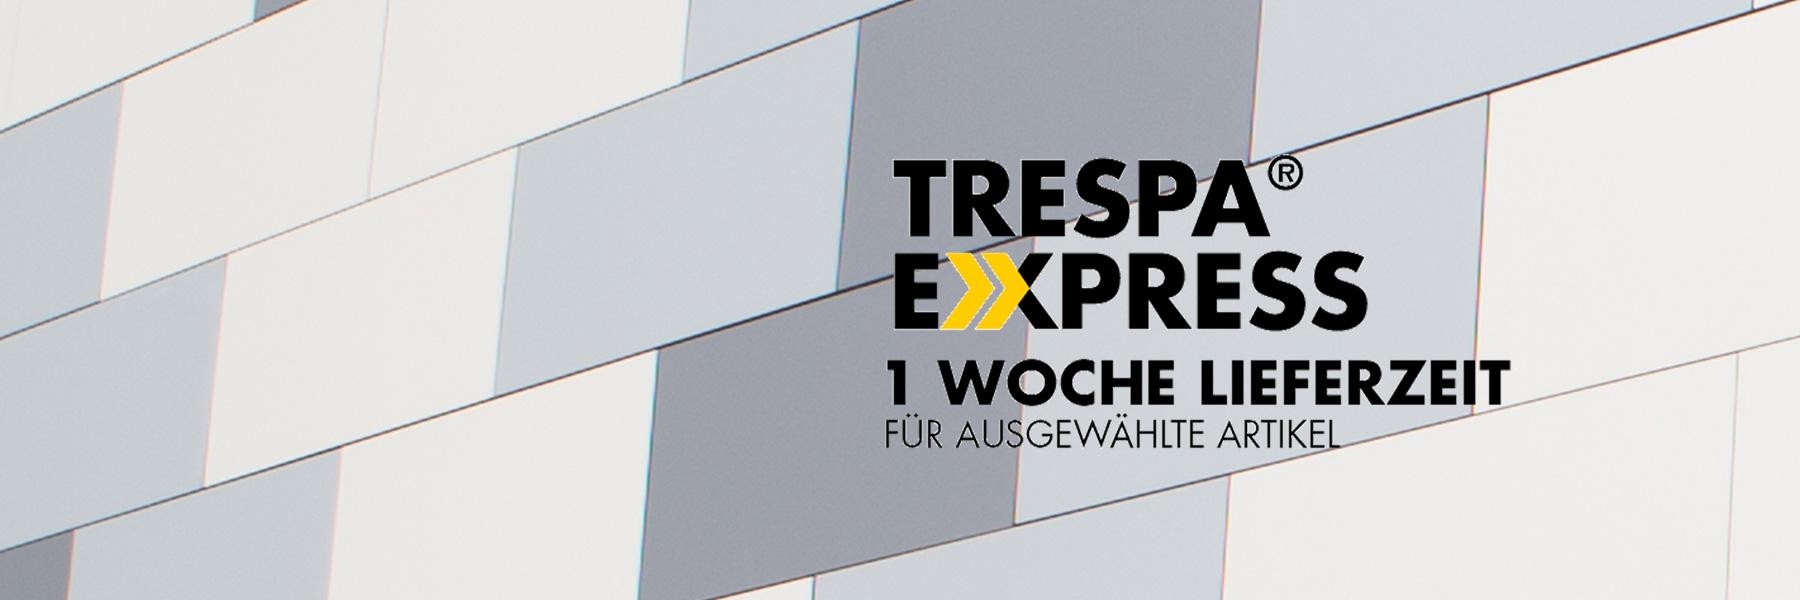 Slider Trespa Express Zustellung Schnelle Lieferung Fassadenplatten Kaufen Preis Salzburg Duocolor Austria